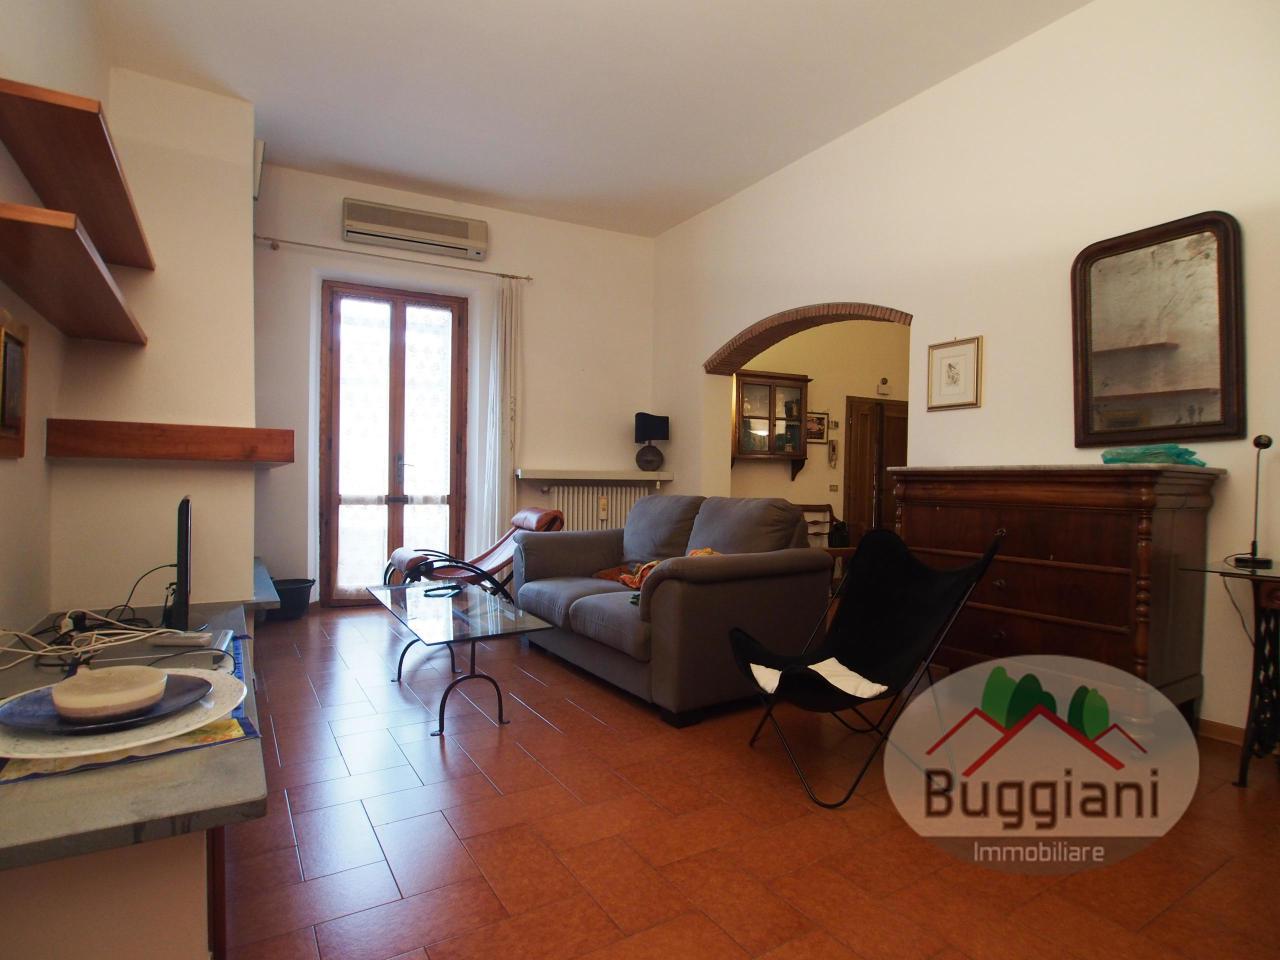 Appartamento in vendita RIF. 2243, San Miniato (PI)